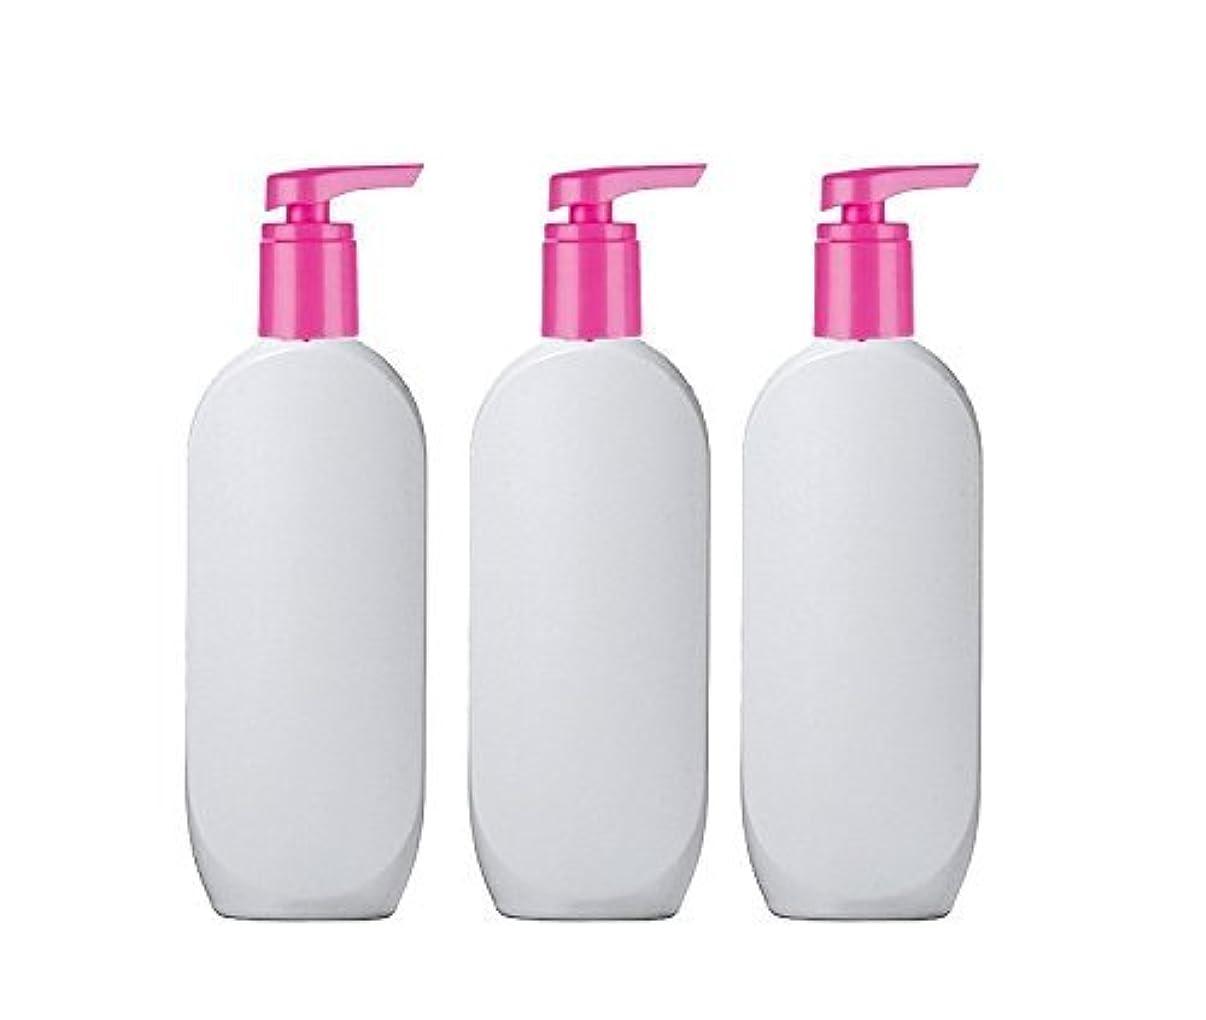 嬉しいですふけるモンク3 Grand Parfums HDPE Empire StylsPlastic Lotion Pump Bottles, 8 Oz with Hot Pink Pearlized Caps, for Shampoo,...